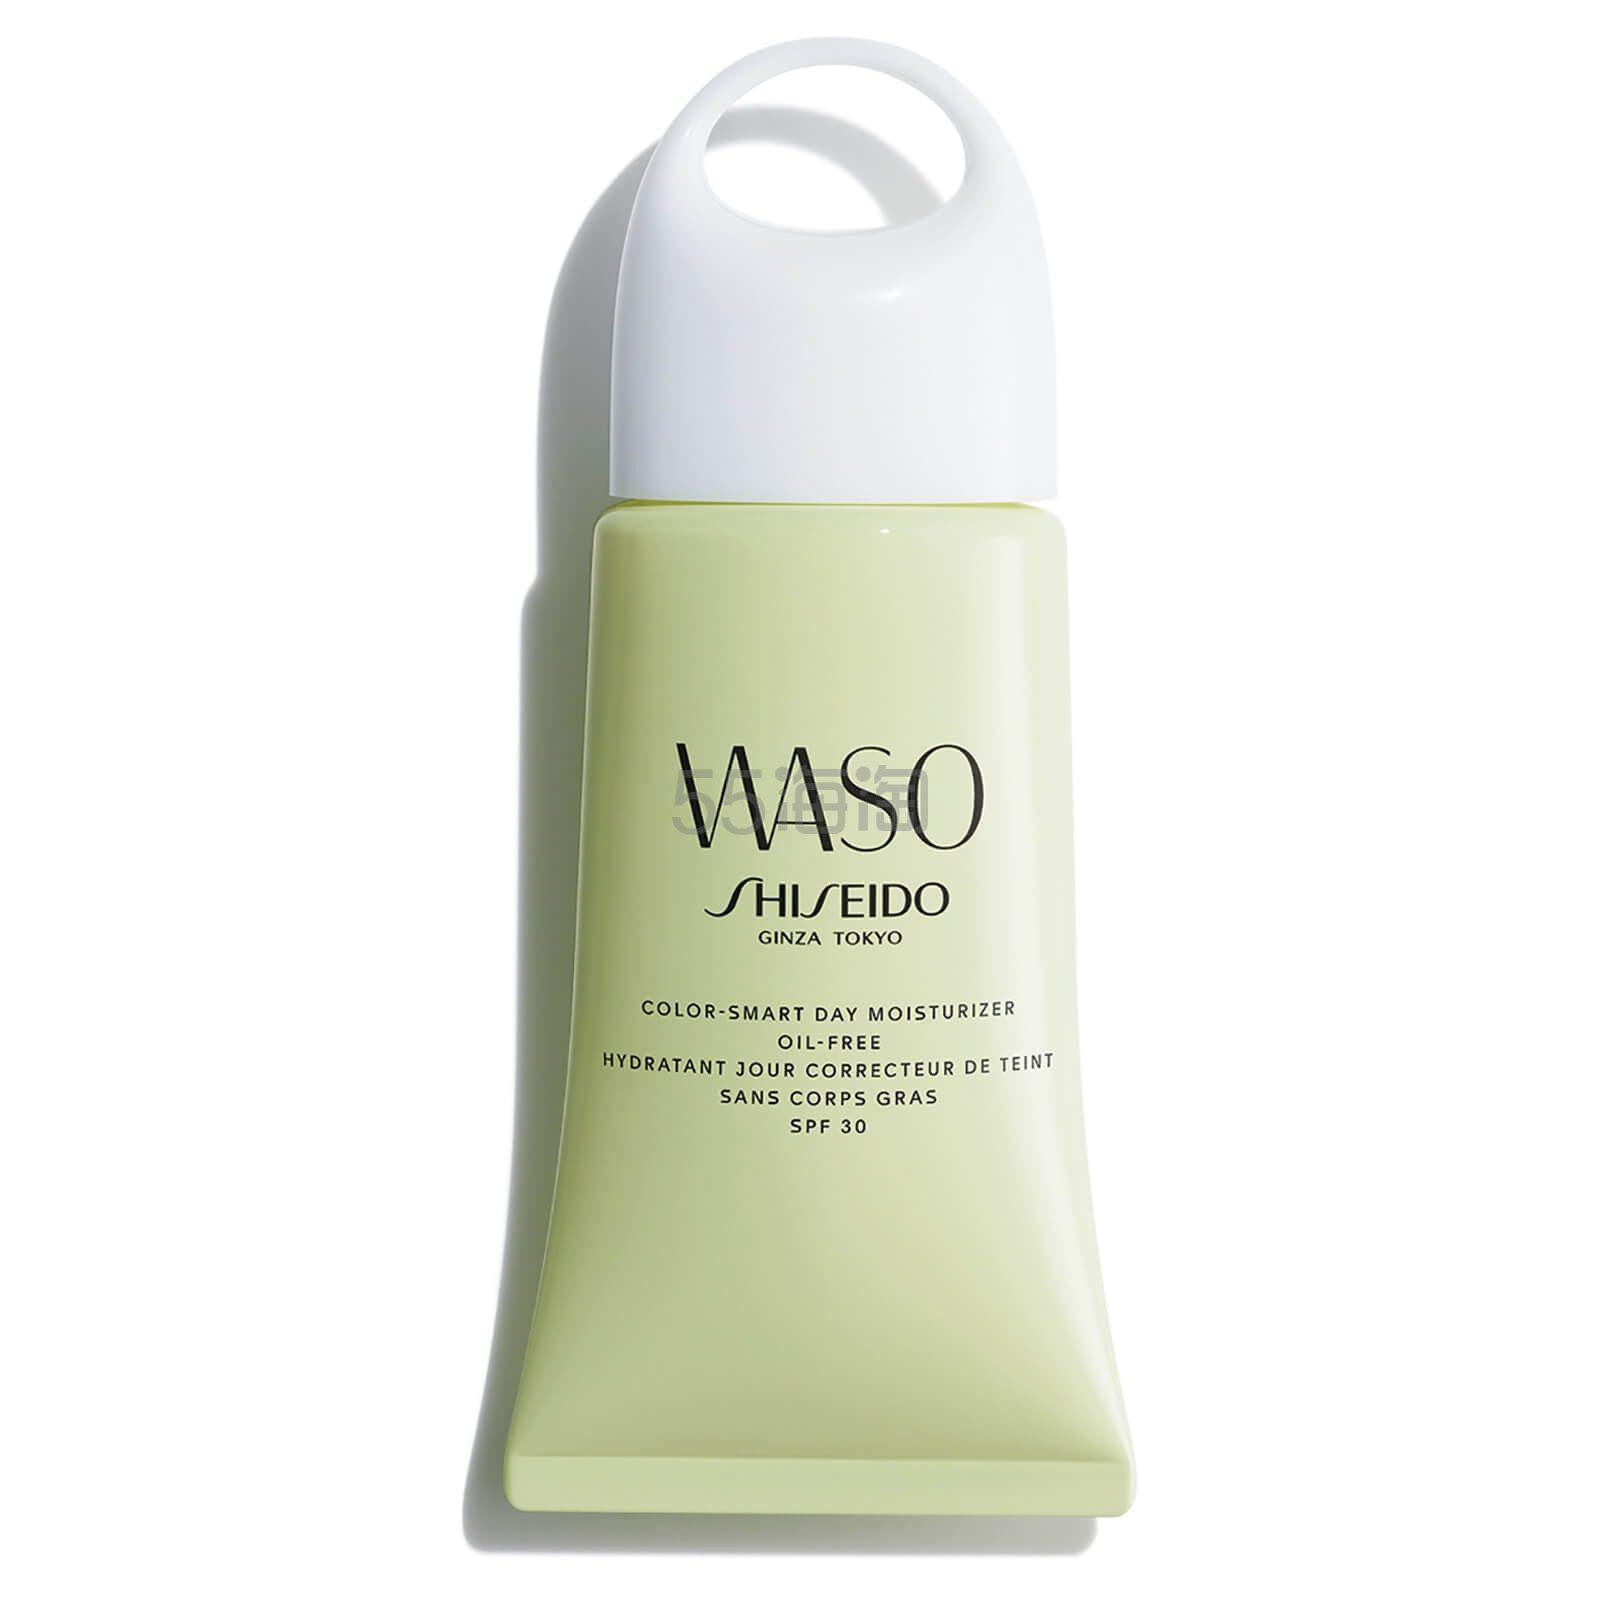 Shiseido 资生堂 WASO青春日和枇杷叶隔离 SPF30 50ml ¥237.51 - 海淘优惠海淘折扣|55海淘网